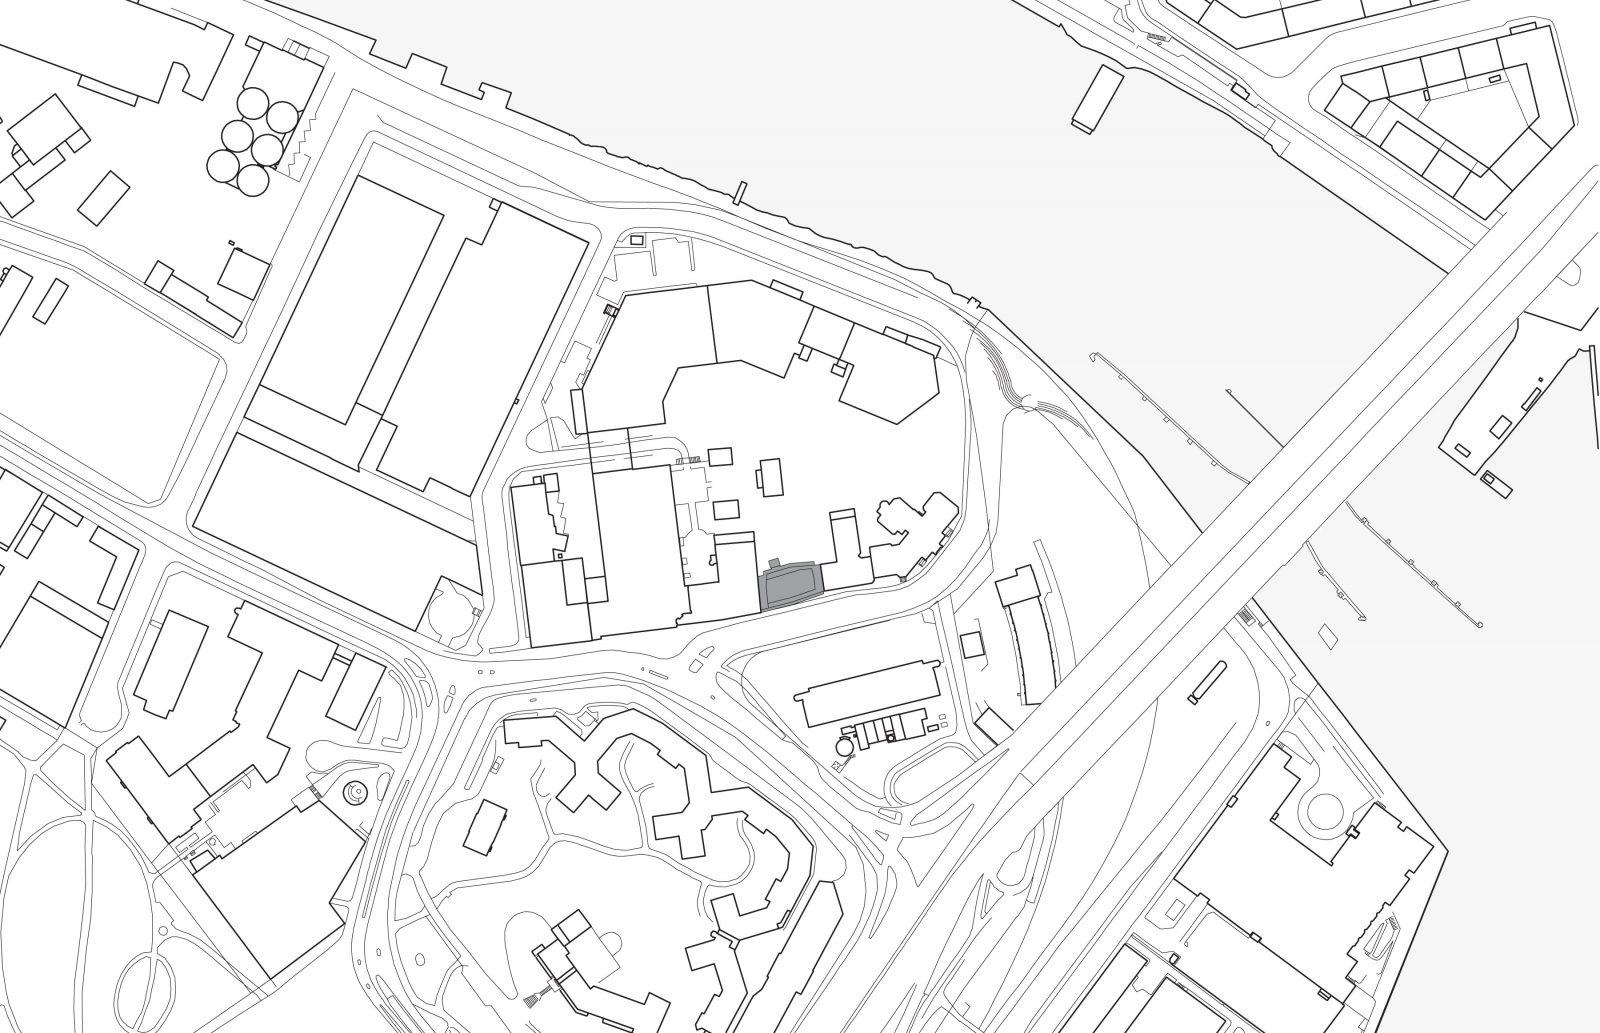 KjellanderSjoberg Stora-Katrineberg site-plan 3600x2324